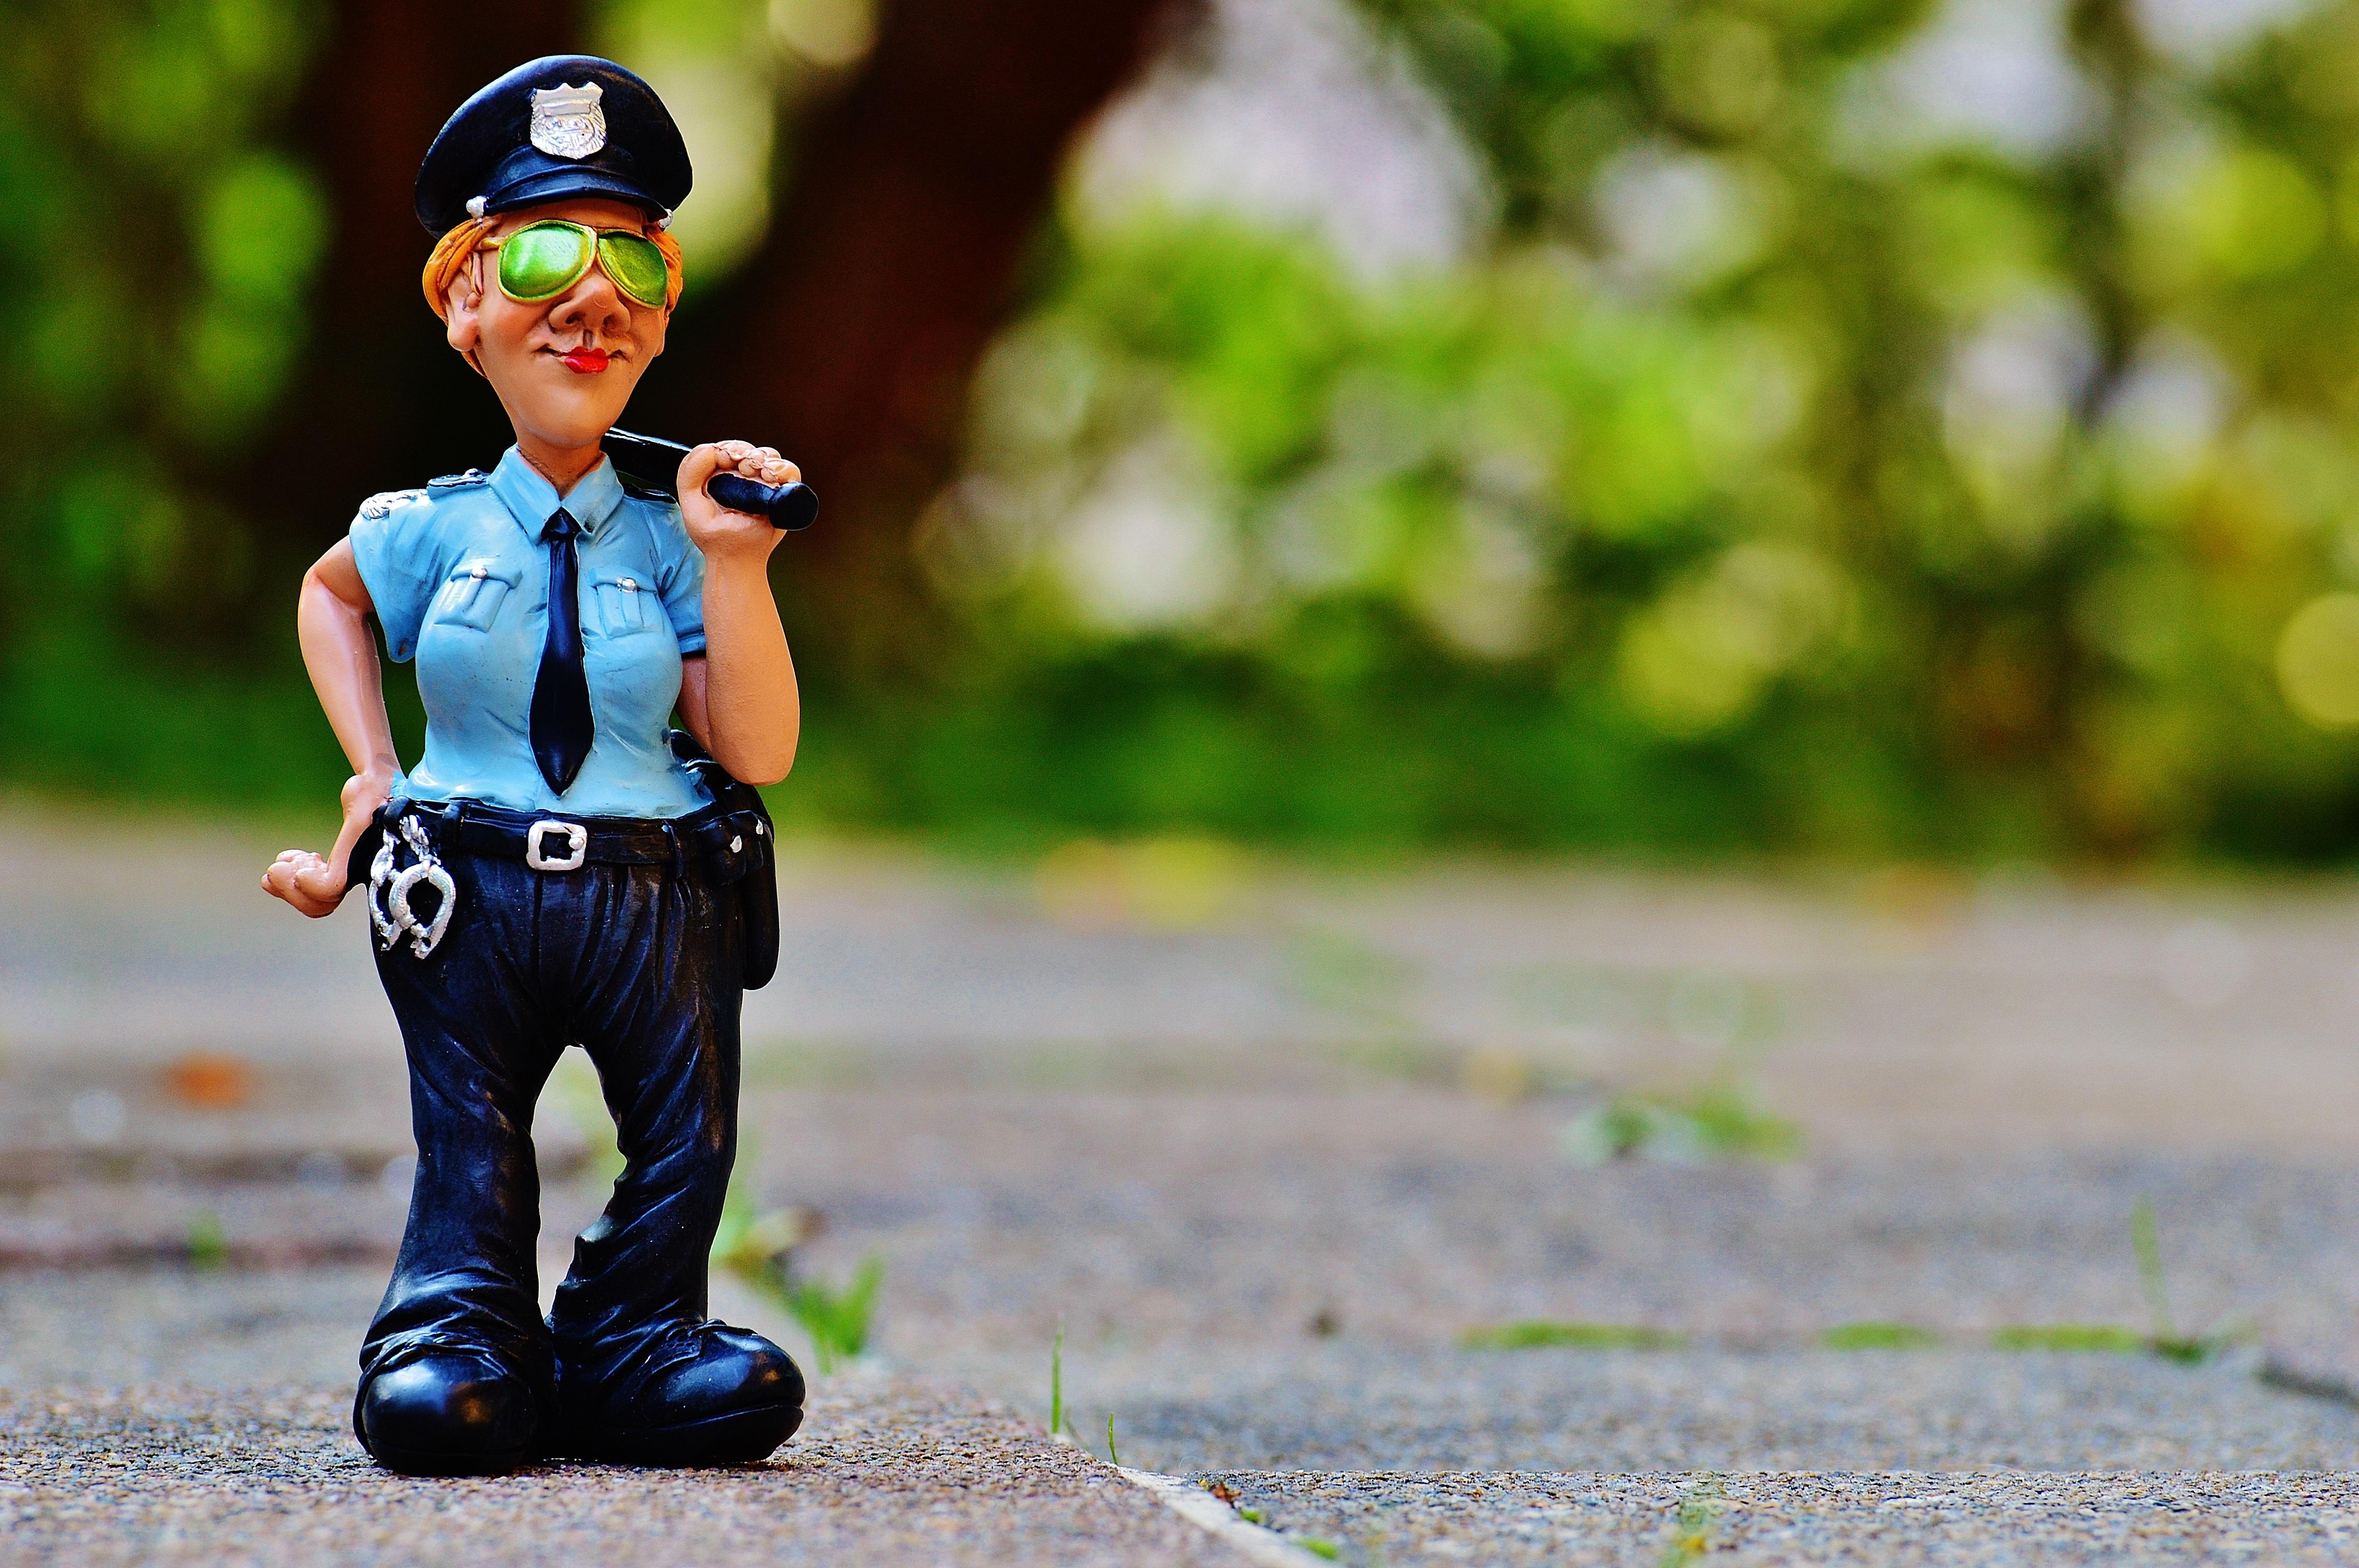 Картинки, картинки прикольные полицейского